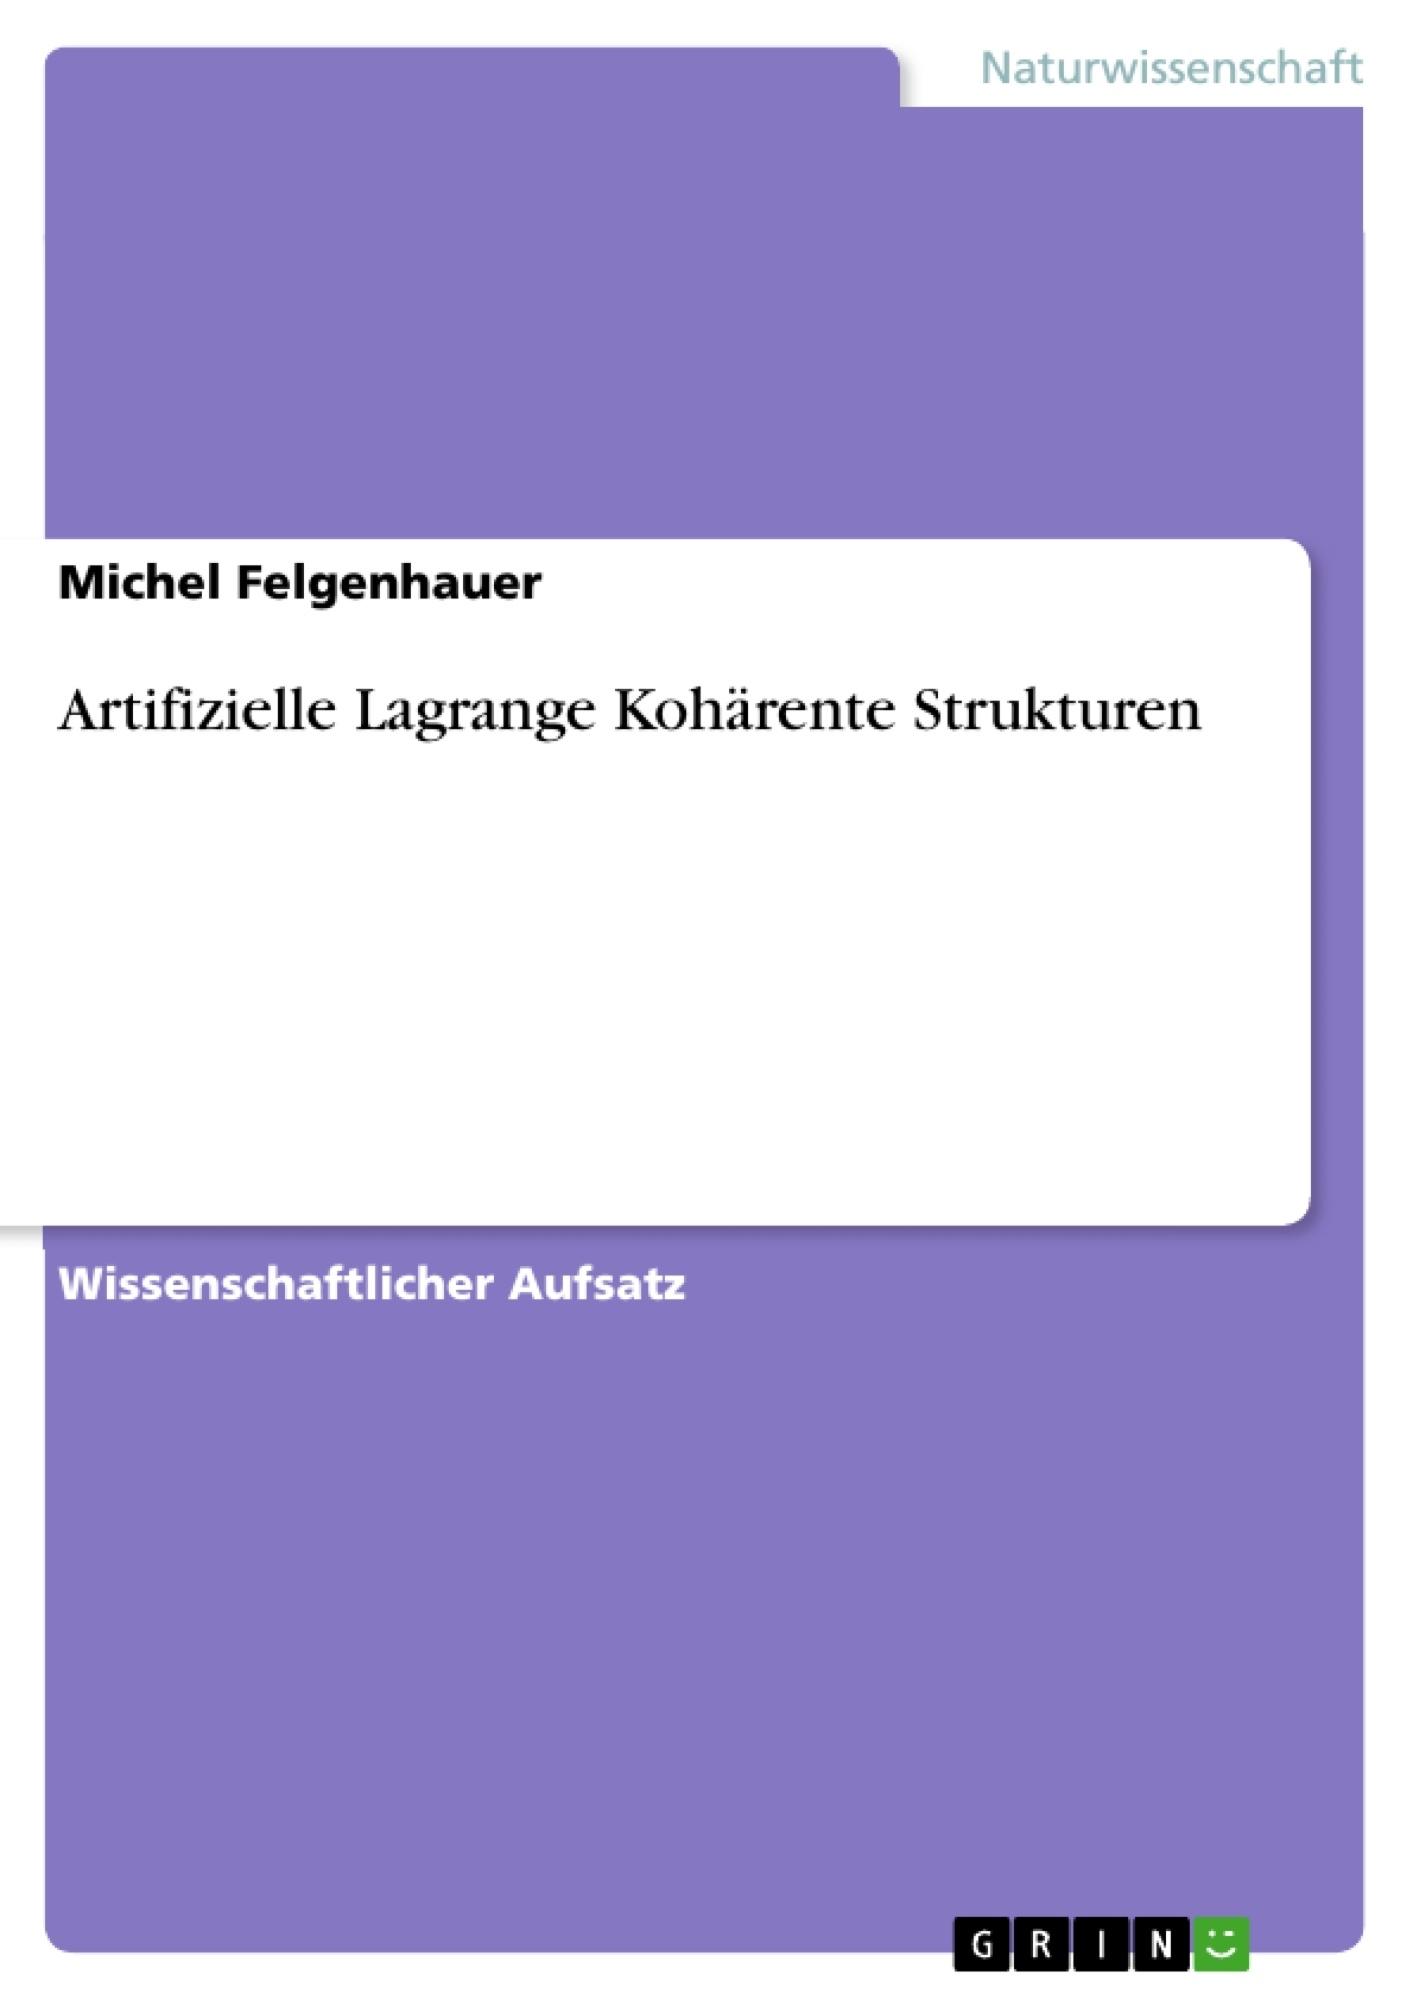 Titel: Artifizielle Lagrange Kohärente Strukturen